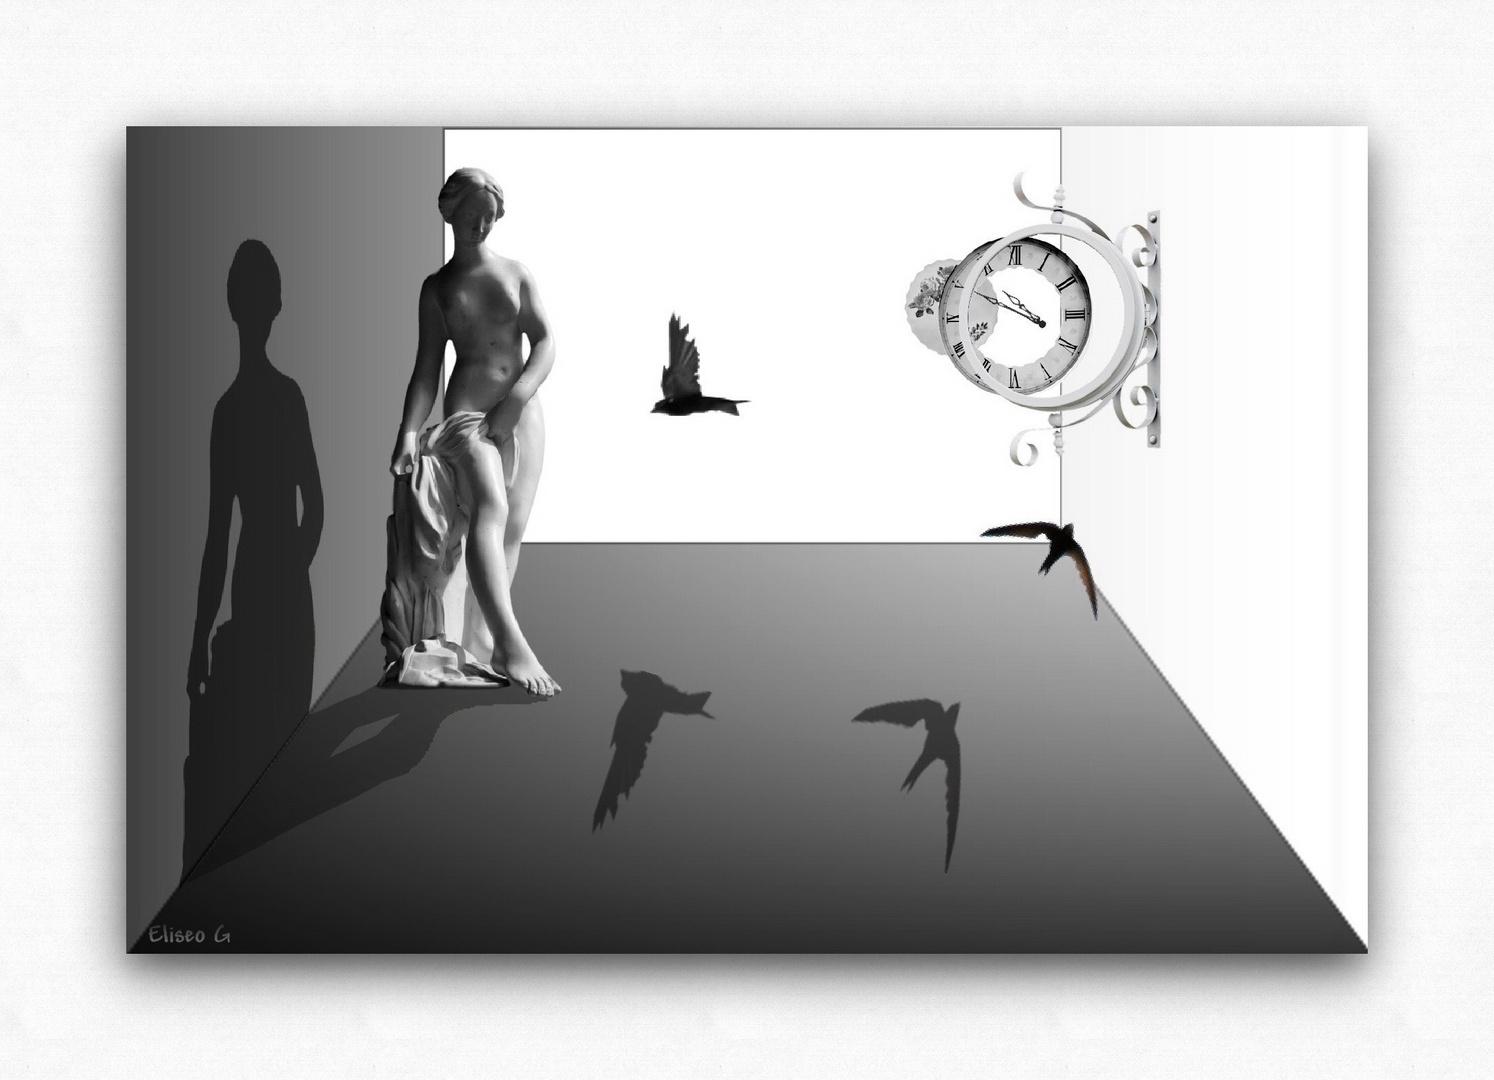 La hora de Venus